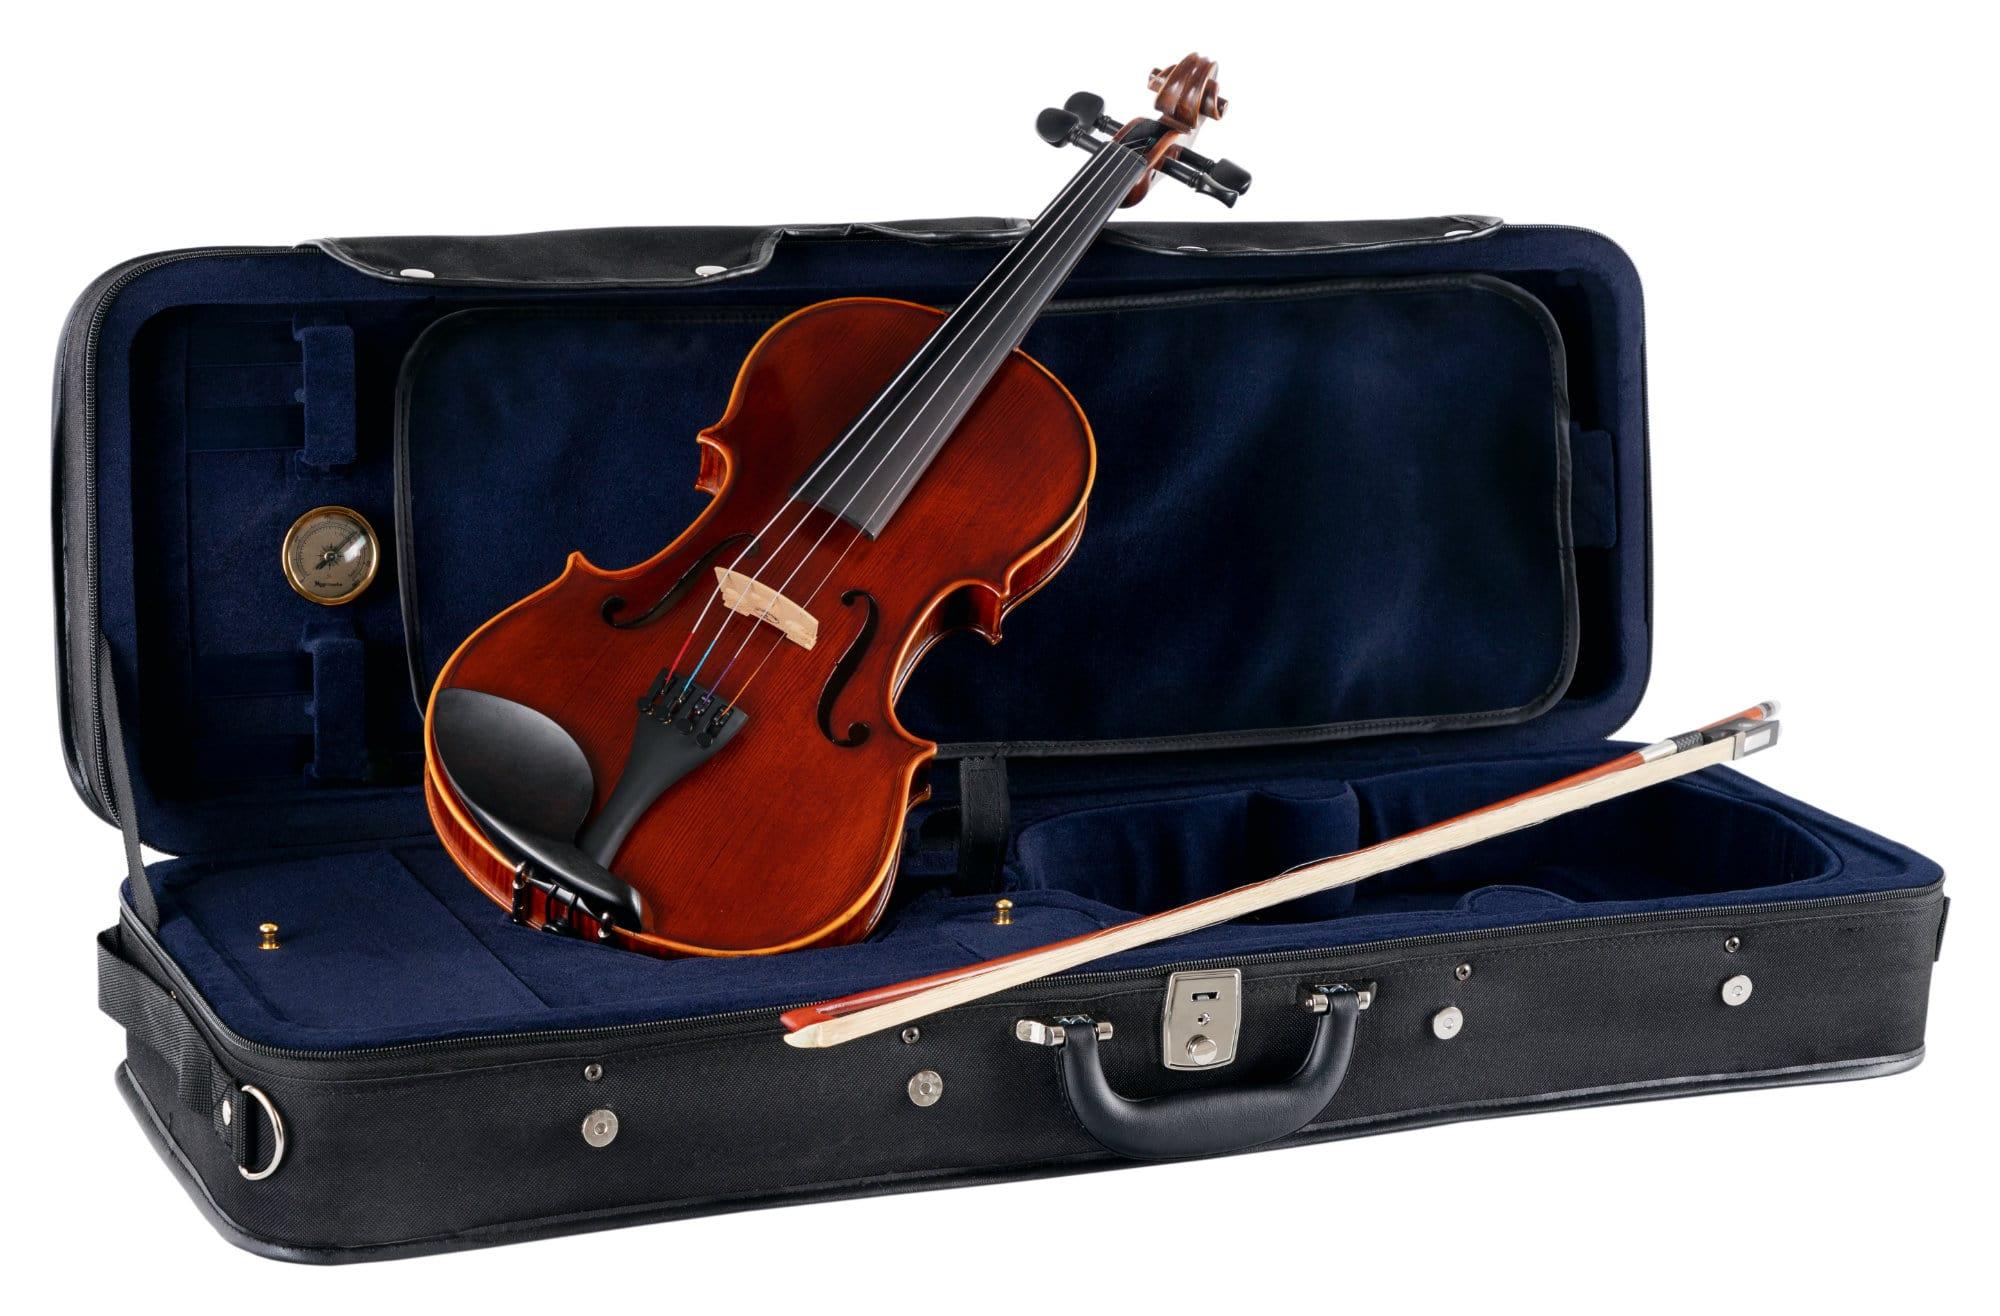 Violinen - Classic Cantabile Brioso Violinenset 4|4 - Onlineshop Musikhaus Kirstein